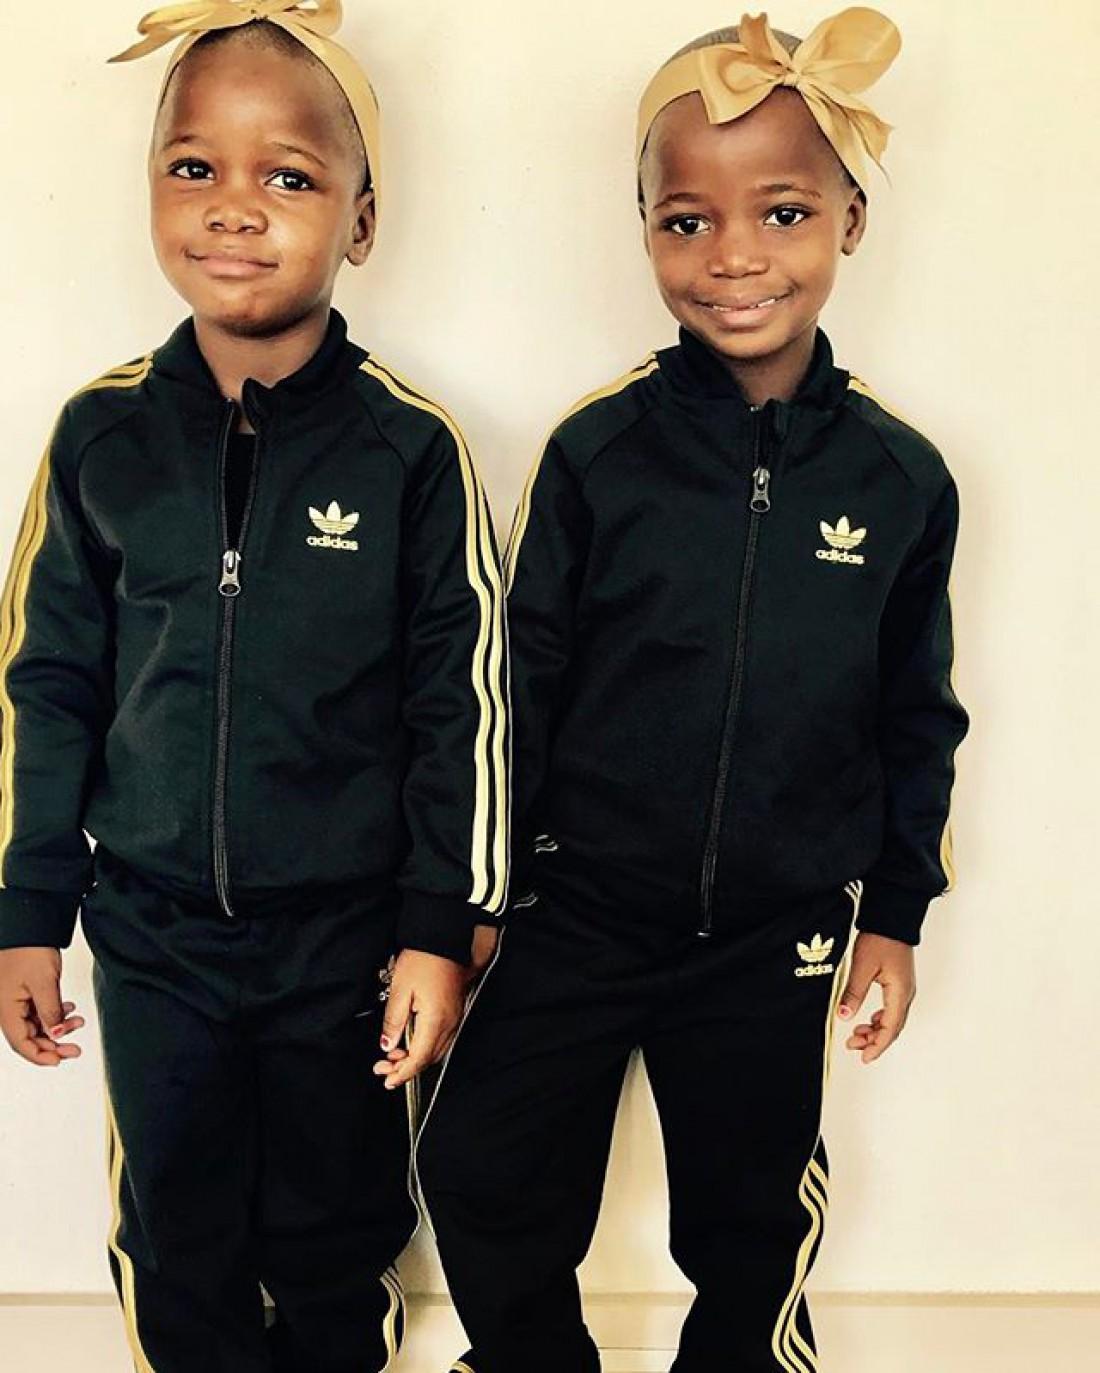 Приемные дети Мадонны из Малави, Восточная Африка